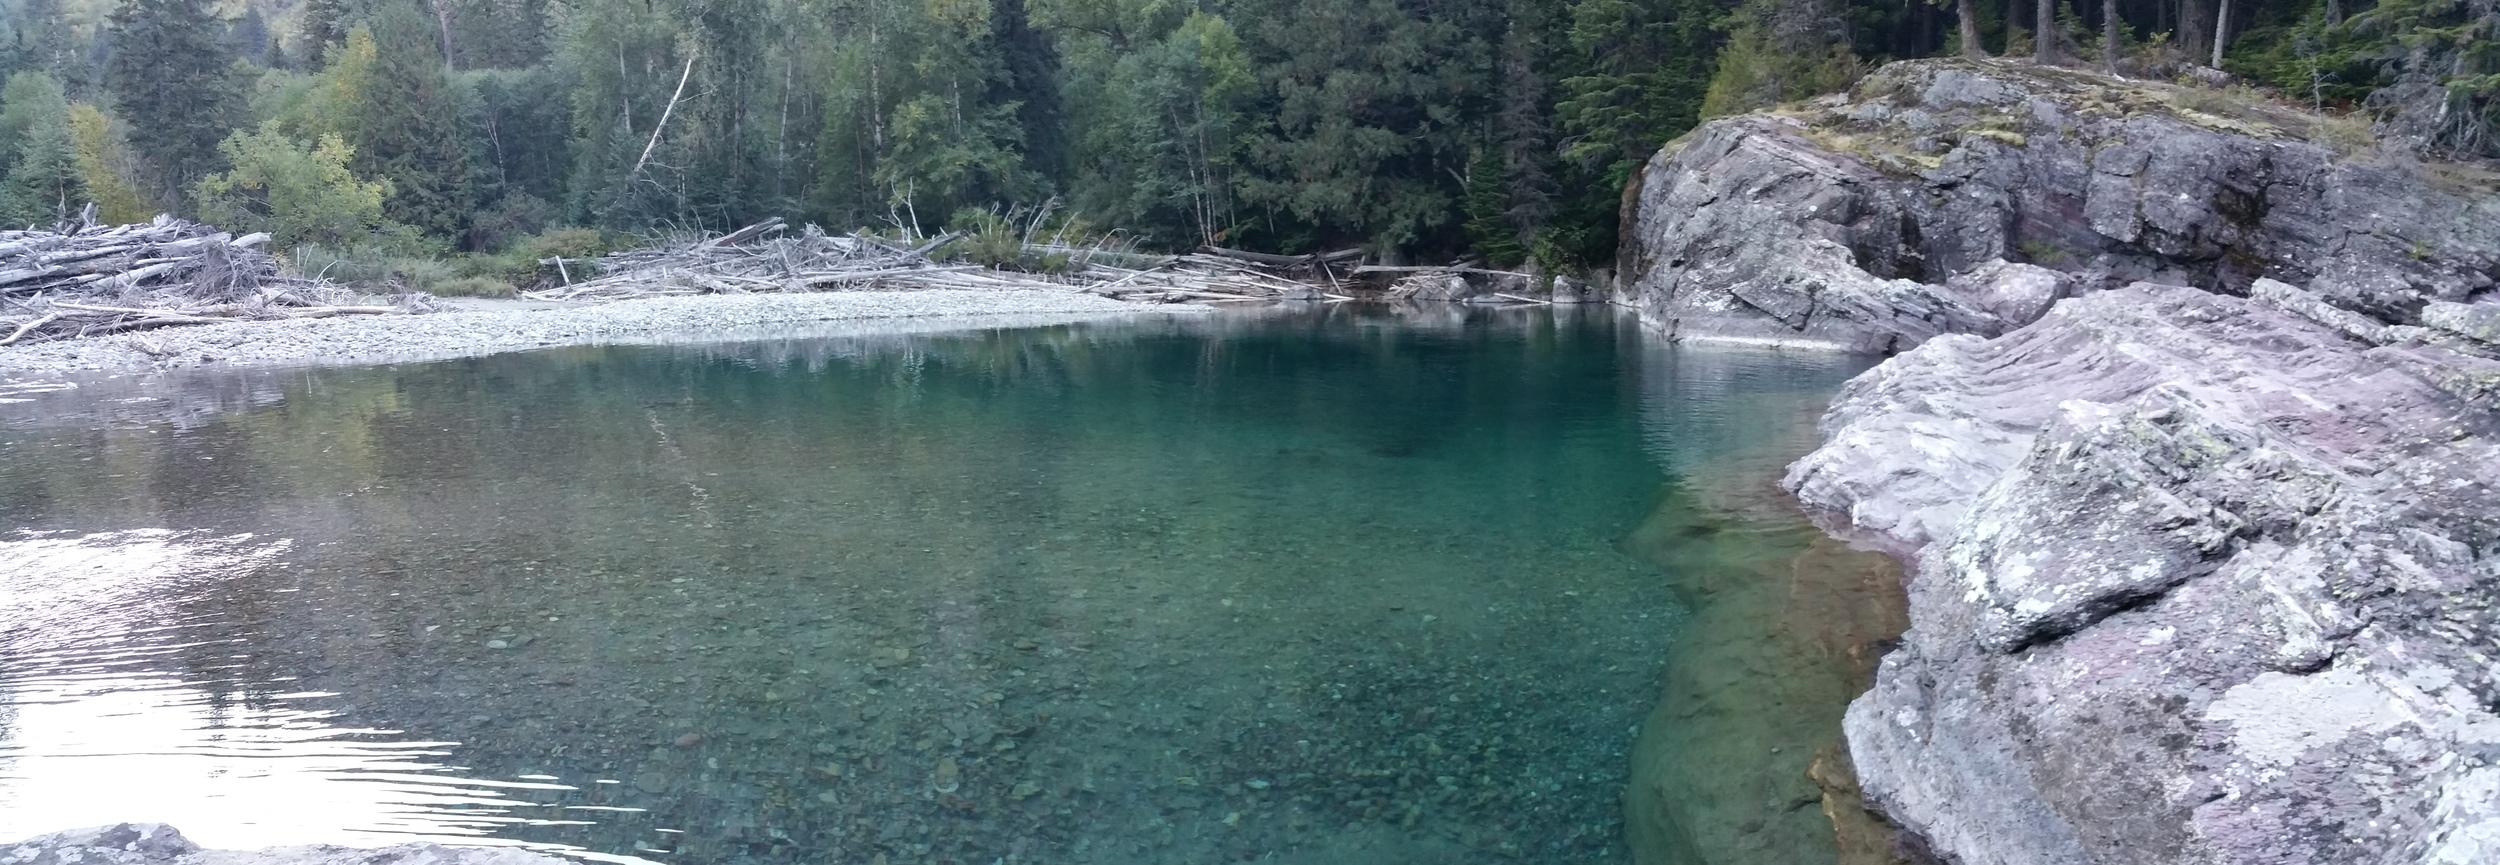 glacier-national-park-blue-lake